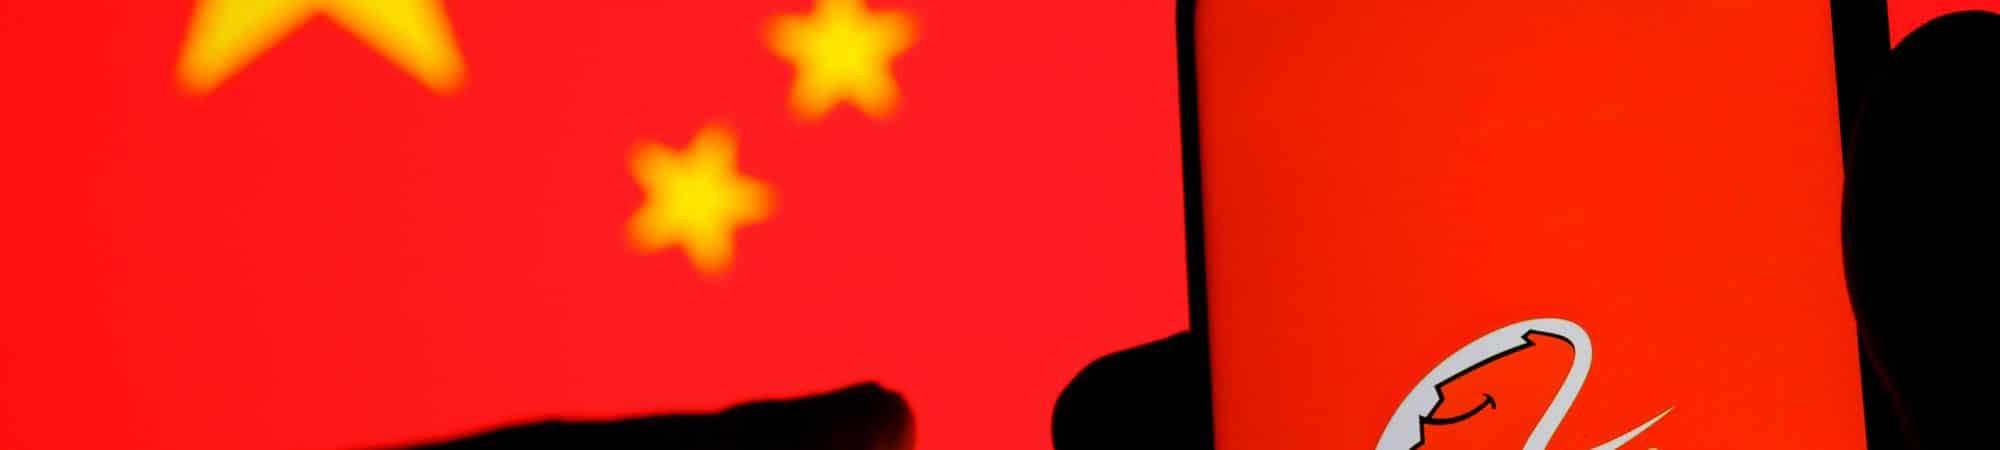 Logo do grupo Alibaba em um smartphone com uma bandeira da China ao fundo